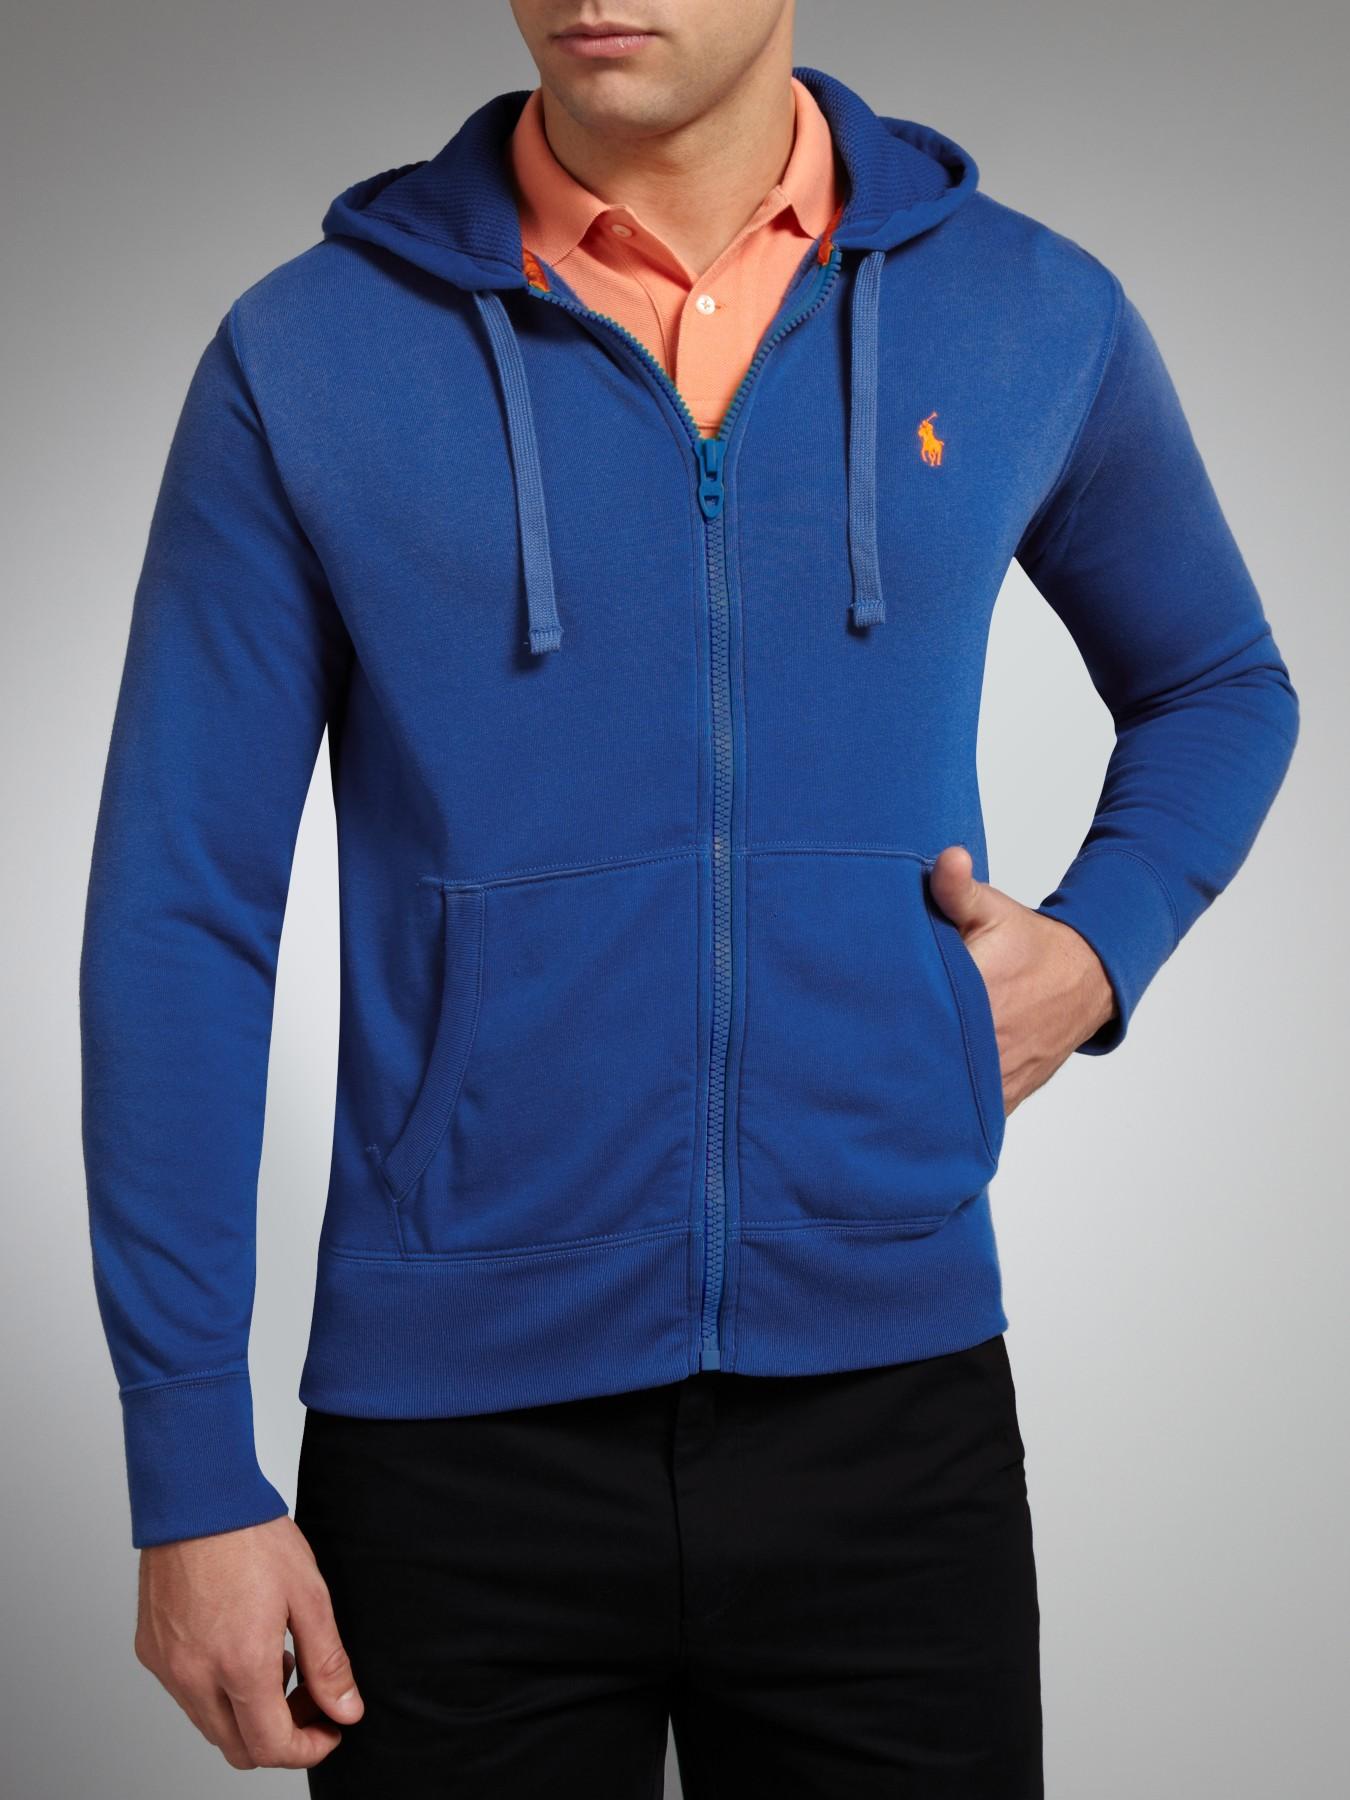 6fb328849 ... ireland polo ralph lauren full zip fleece hoodie in blue for men lyst  f9179 c691e